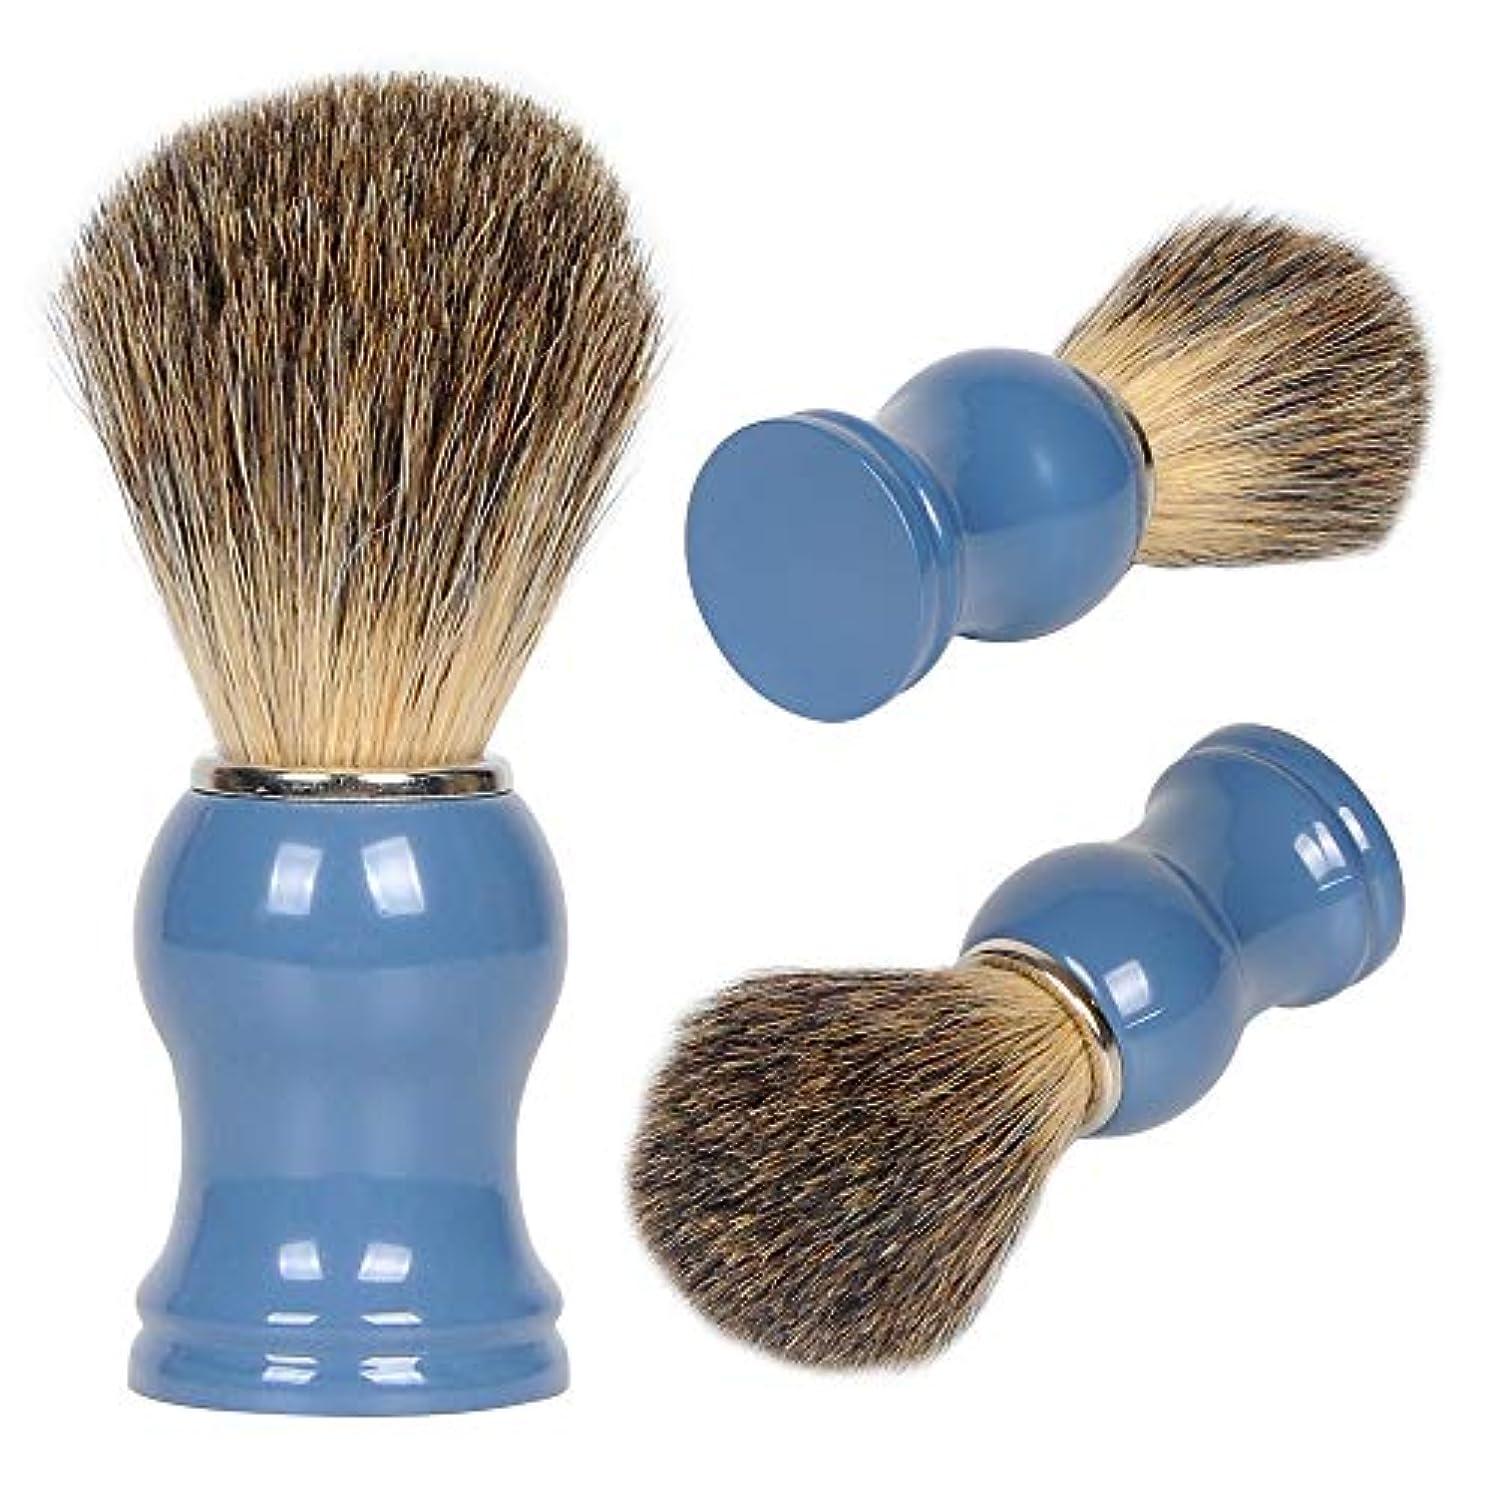 マニフェスト交通渋滞ネズミ1by1 ひげブラシ シェービングブラシセット シェービング石鹸ボウル 理容 髭剃り 泡立ち 洗顔ブラシ メンズ 100% アナグマ毛(2点セット ブルー)